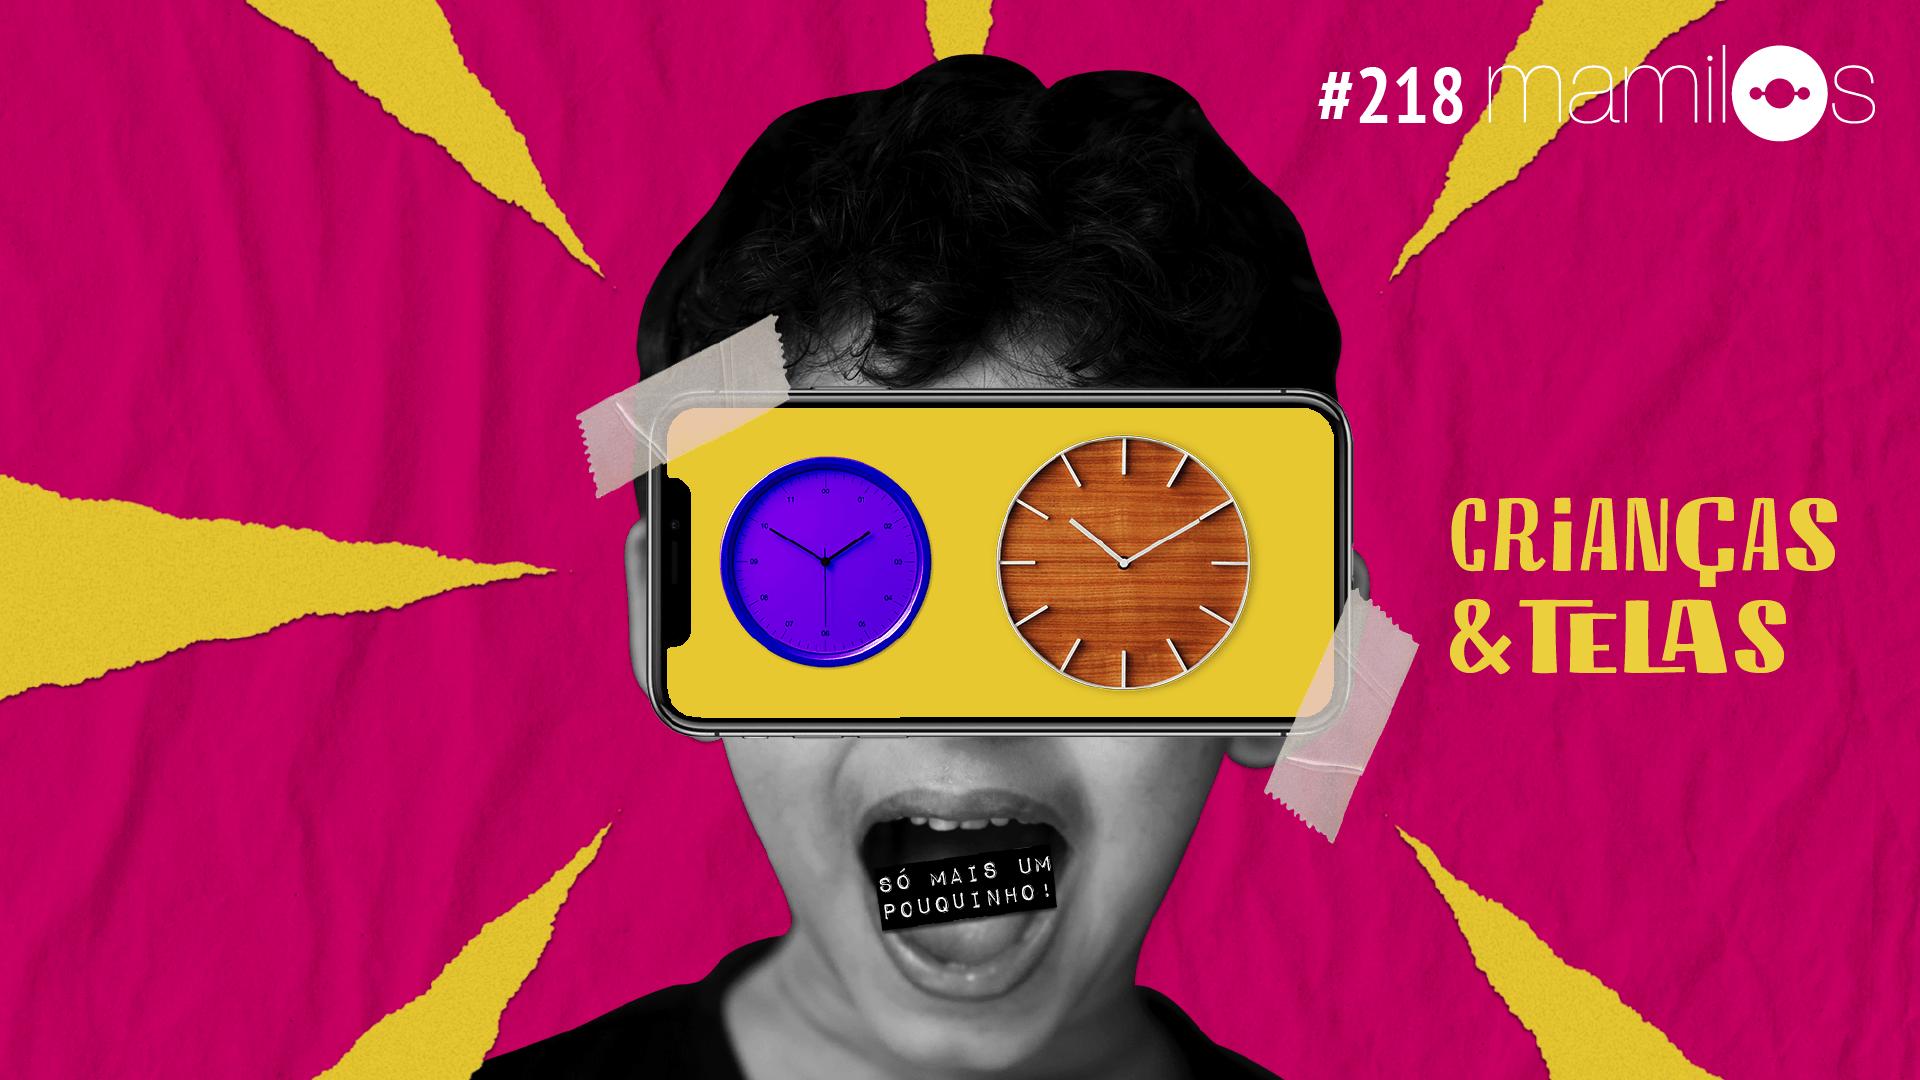 Mamilos #218 –  Crianças & telas